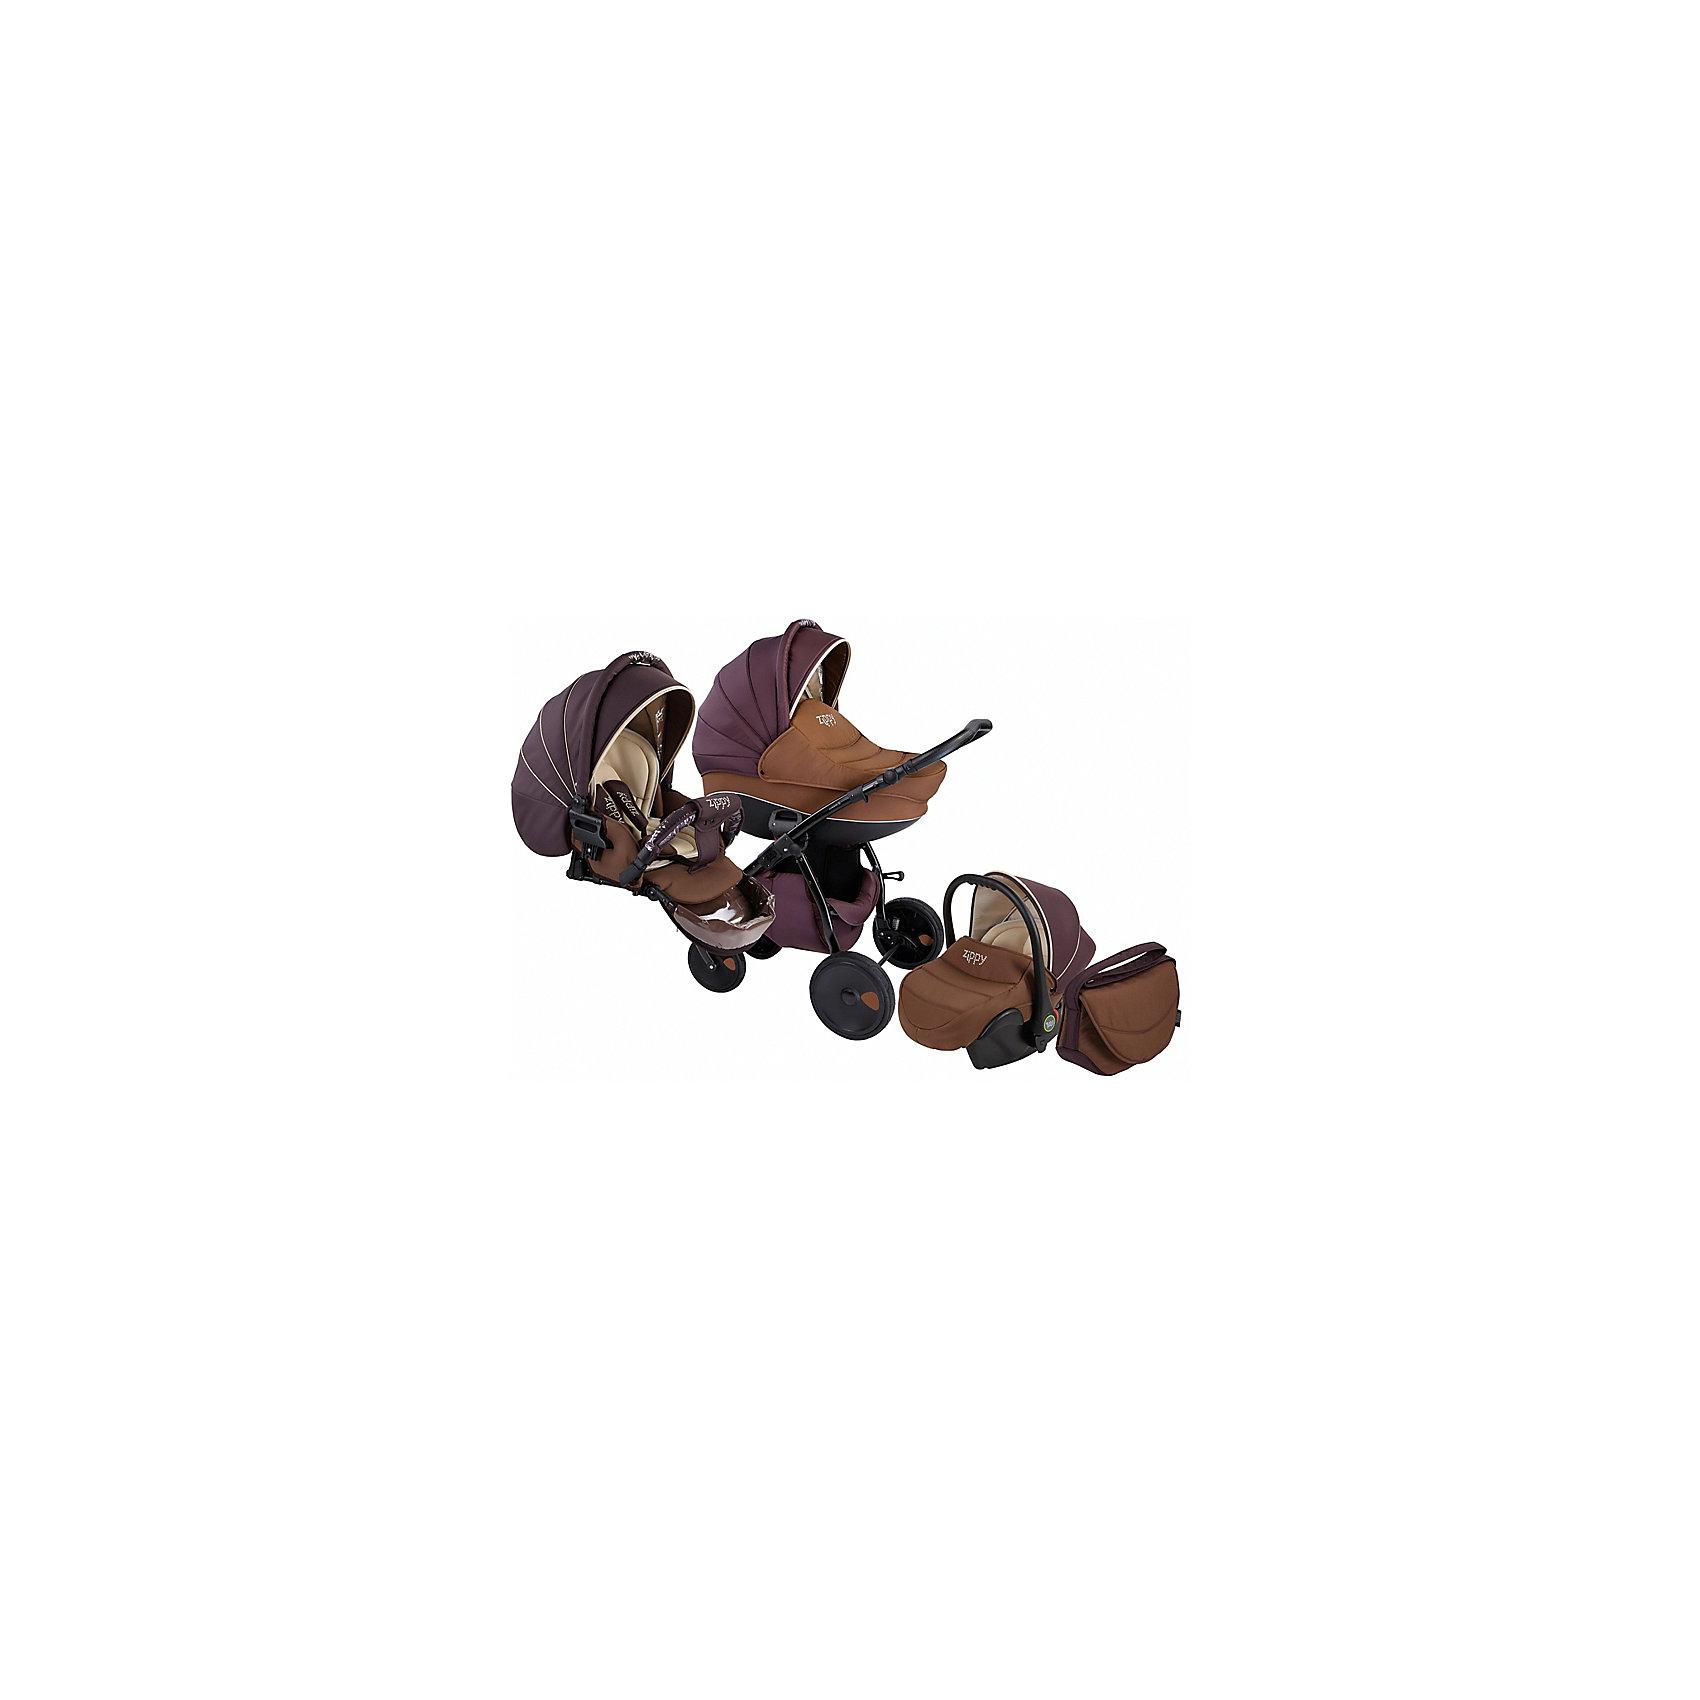 Коляска 3 в 1 Zippy New, Tutis, шоколадКоляска 3 в 1 Zippy New, Tutis, шоколад<br>Коляска 3 в 1 Zippy New, Tutis имеет надувные колеса, передние - поворотные с блокировкой, задние - с ножными тормозами. Большой регулируемый капюшон со встроенным силиконовым козырьком и москитной сеткой надежно защищает малыша. Просторная глубокая люлька с вентиляционными отверстиями в нижней части имеет жесткий каркас. Внутри люльки тканевое покрытие, матрасик из кокосового волокна со съемным чехлом. Имеется регулируемый подголовник. Прогулочный блок имеет широкое сидение. Наклон спинки регулируется в 4 положениях вплоть до горизонтального. Имеется покрытая силиконом регулируемая подножка (3 положения), регулируемые пятиточечные ремни безопасности с мягкими накладками, мягкий матрасик вкладыш, накидка на ножки, мягкий съемный бампер с силиконовым покрытием. Регулируемая ручка коляски отделана эко-кожей. Имеется вместительная корзина для покупок, сумка для мамы. Шасси легко и компактно складывается. Автокресло крепится в автомобиле штатным ремнем безопасности, против хода движения. Имеется трёхточечный ремень безопасности, анатомический вкладыш, солнцезащитный козырек, теплый чехол на ножки. Все тканевые покрытия коляски изготовлены из прочной нежной хлопчатобумажной ткани, а технология SILVER PLUS защищает от микробов и аллергенов.<br><br>Дополнительная информация:<br><br>- В комплекте: люлька, прогулочный блок, автокресло, шасси, сумка для мамы, корзина для покупок, чехол на ножки (для люльки, прогулочного блока, автокресла), москитная сетка, дождевик, матрас для люльки, матрасик-вкладыш (прогулочный блок, автокресло)<br>- Функция качания (когда люлька лежит на полу)<br>- Возможность установки люльки и прогулочного блока к себе-от себя<br>- Размеры: люлька внешний размер 87х39х22 см, внутренний 76х36 см; прогулочный блок внешний размер 95х39х24 см. внутренний 90х39 см.; автокресло 74х32х30 см.<br>- Вес: люлька 4,3 кг; люлька с шасси: 13,2 кг; прогулочный блок с шасси: 13,7 кг, авто